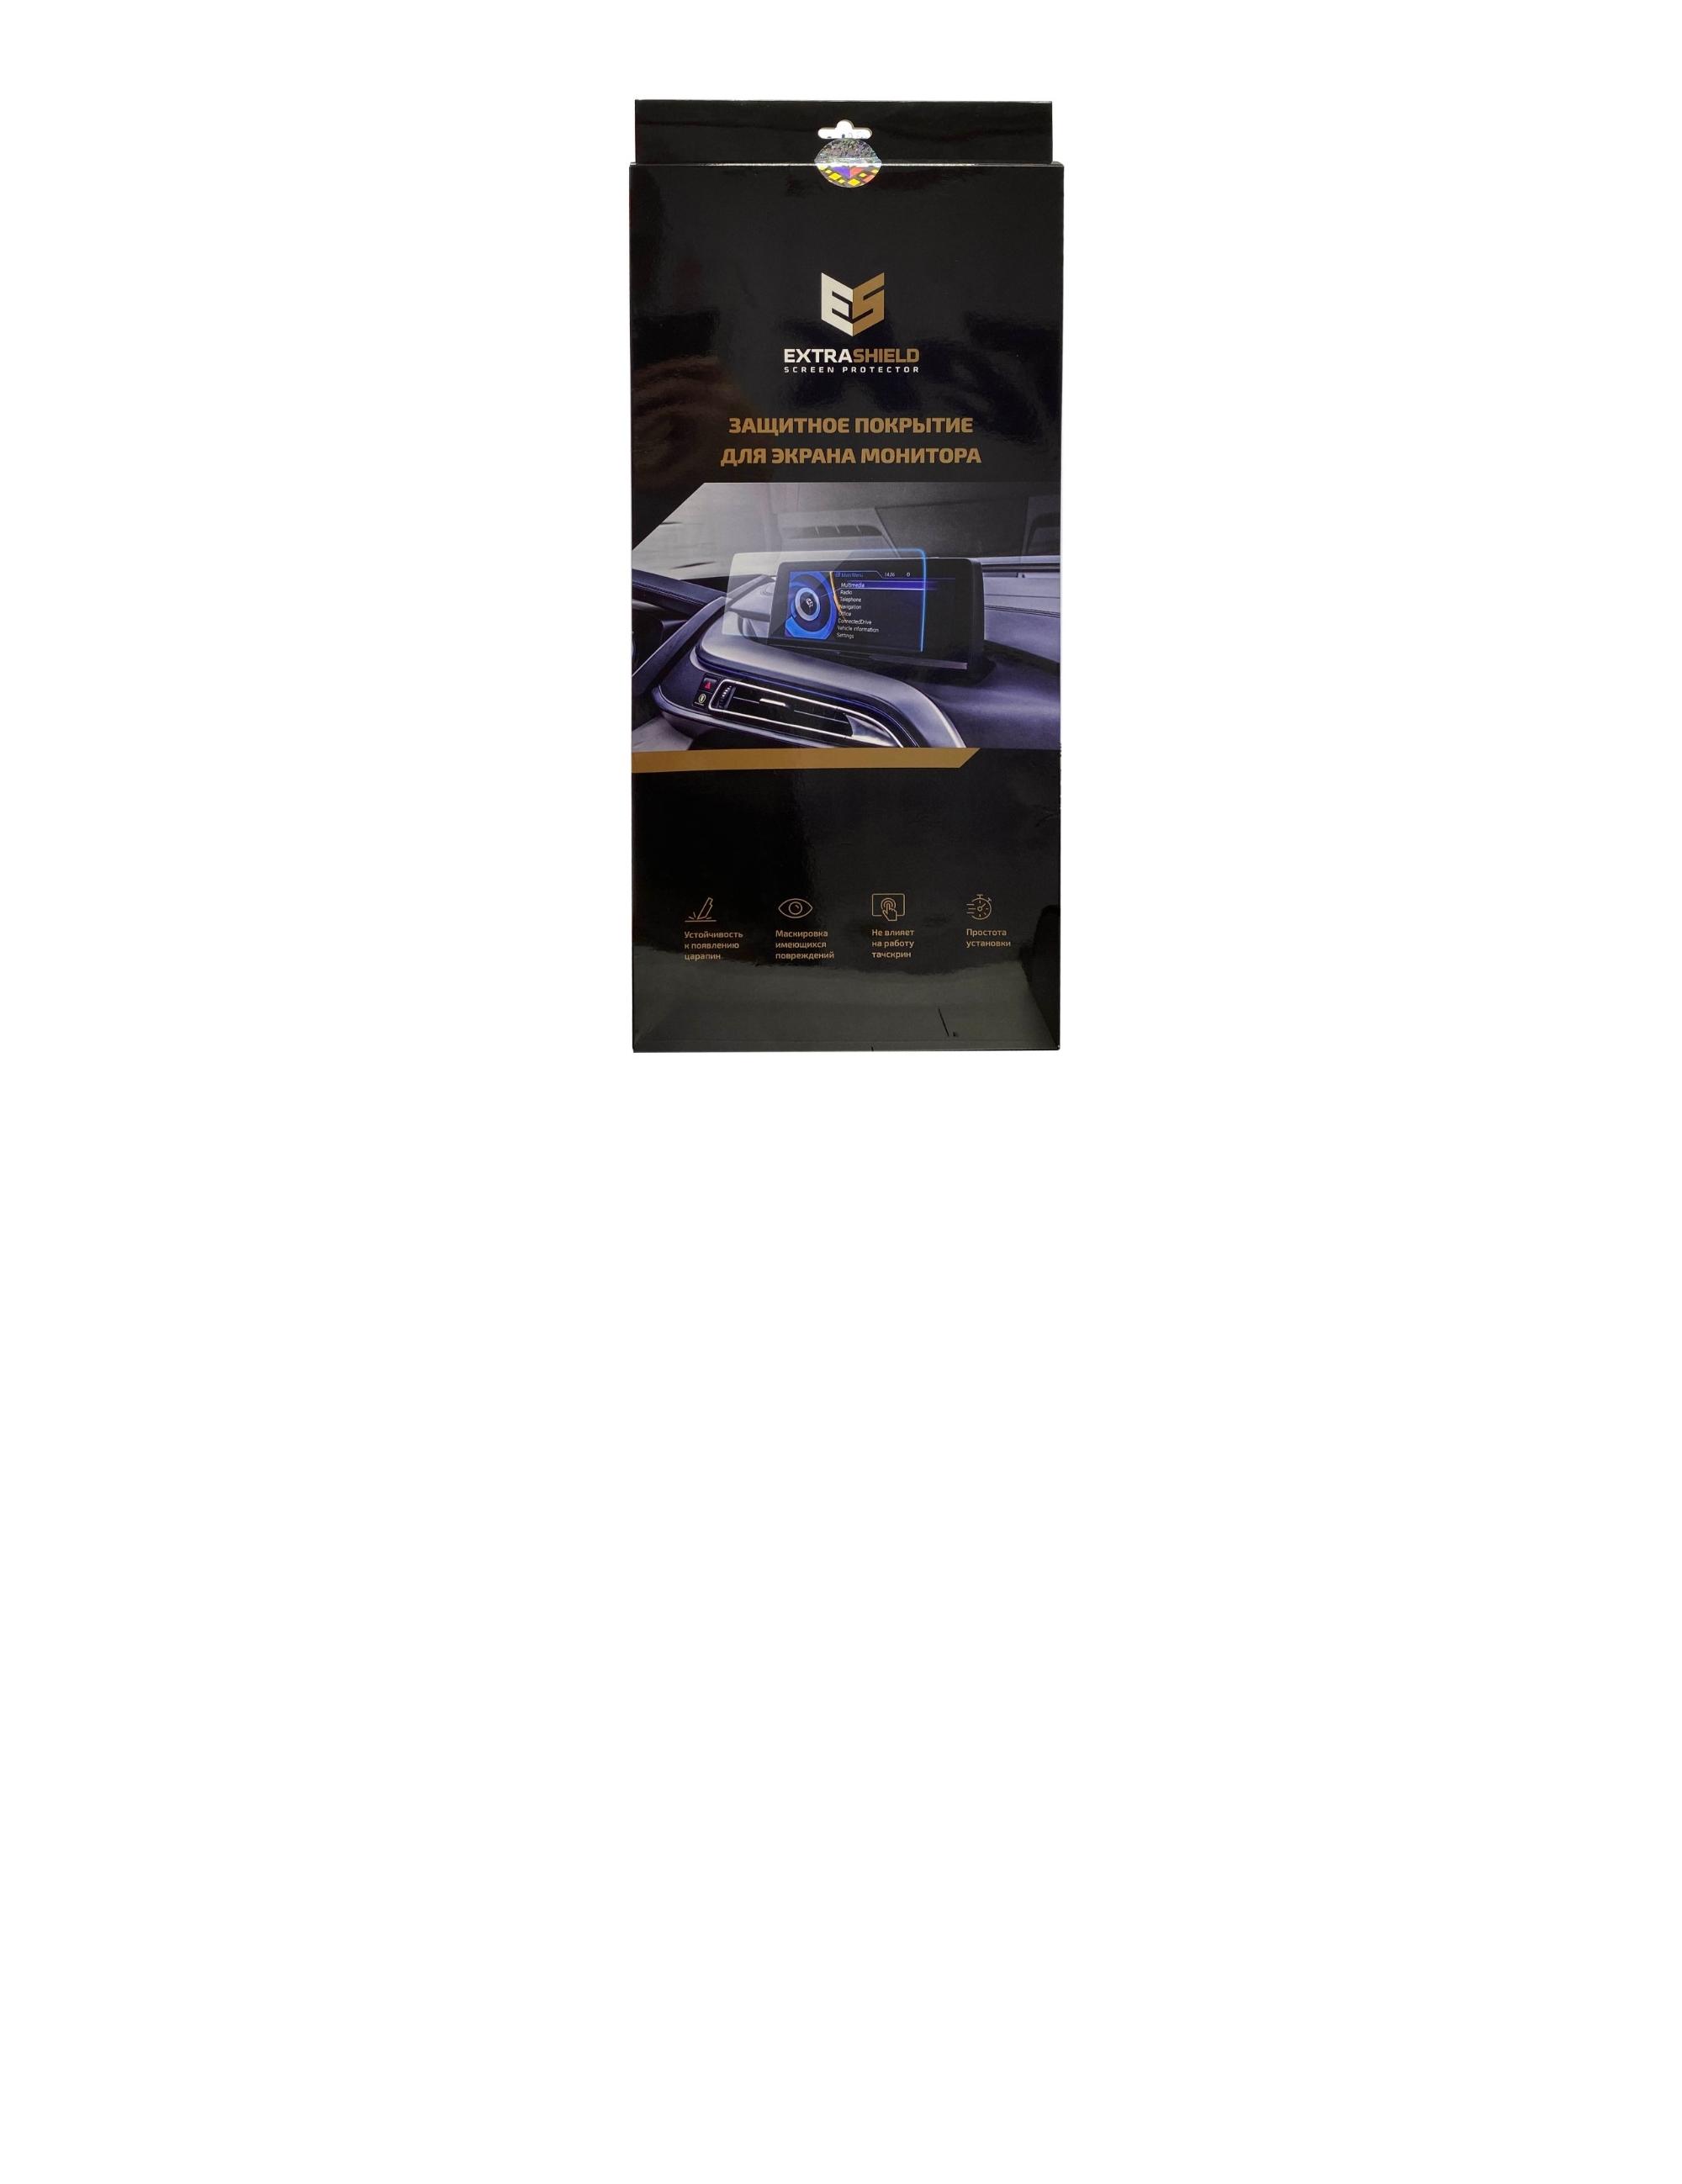 Bentley Continental GT 2018 - н.в. мультимедиа Bang & Olufsen 12,3 Статическая пленка Глянец